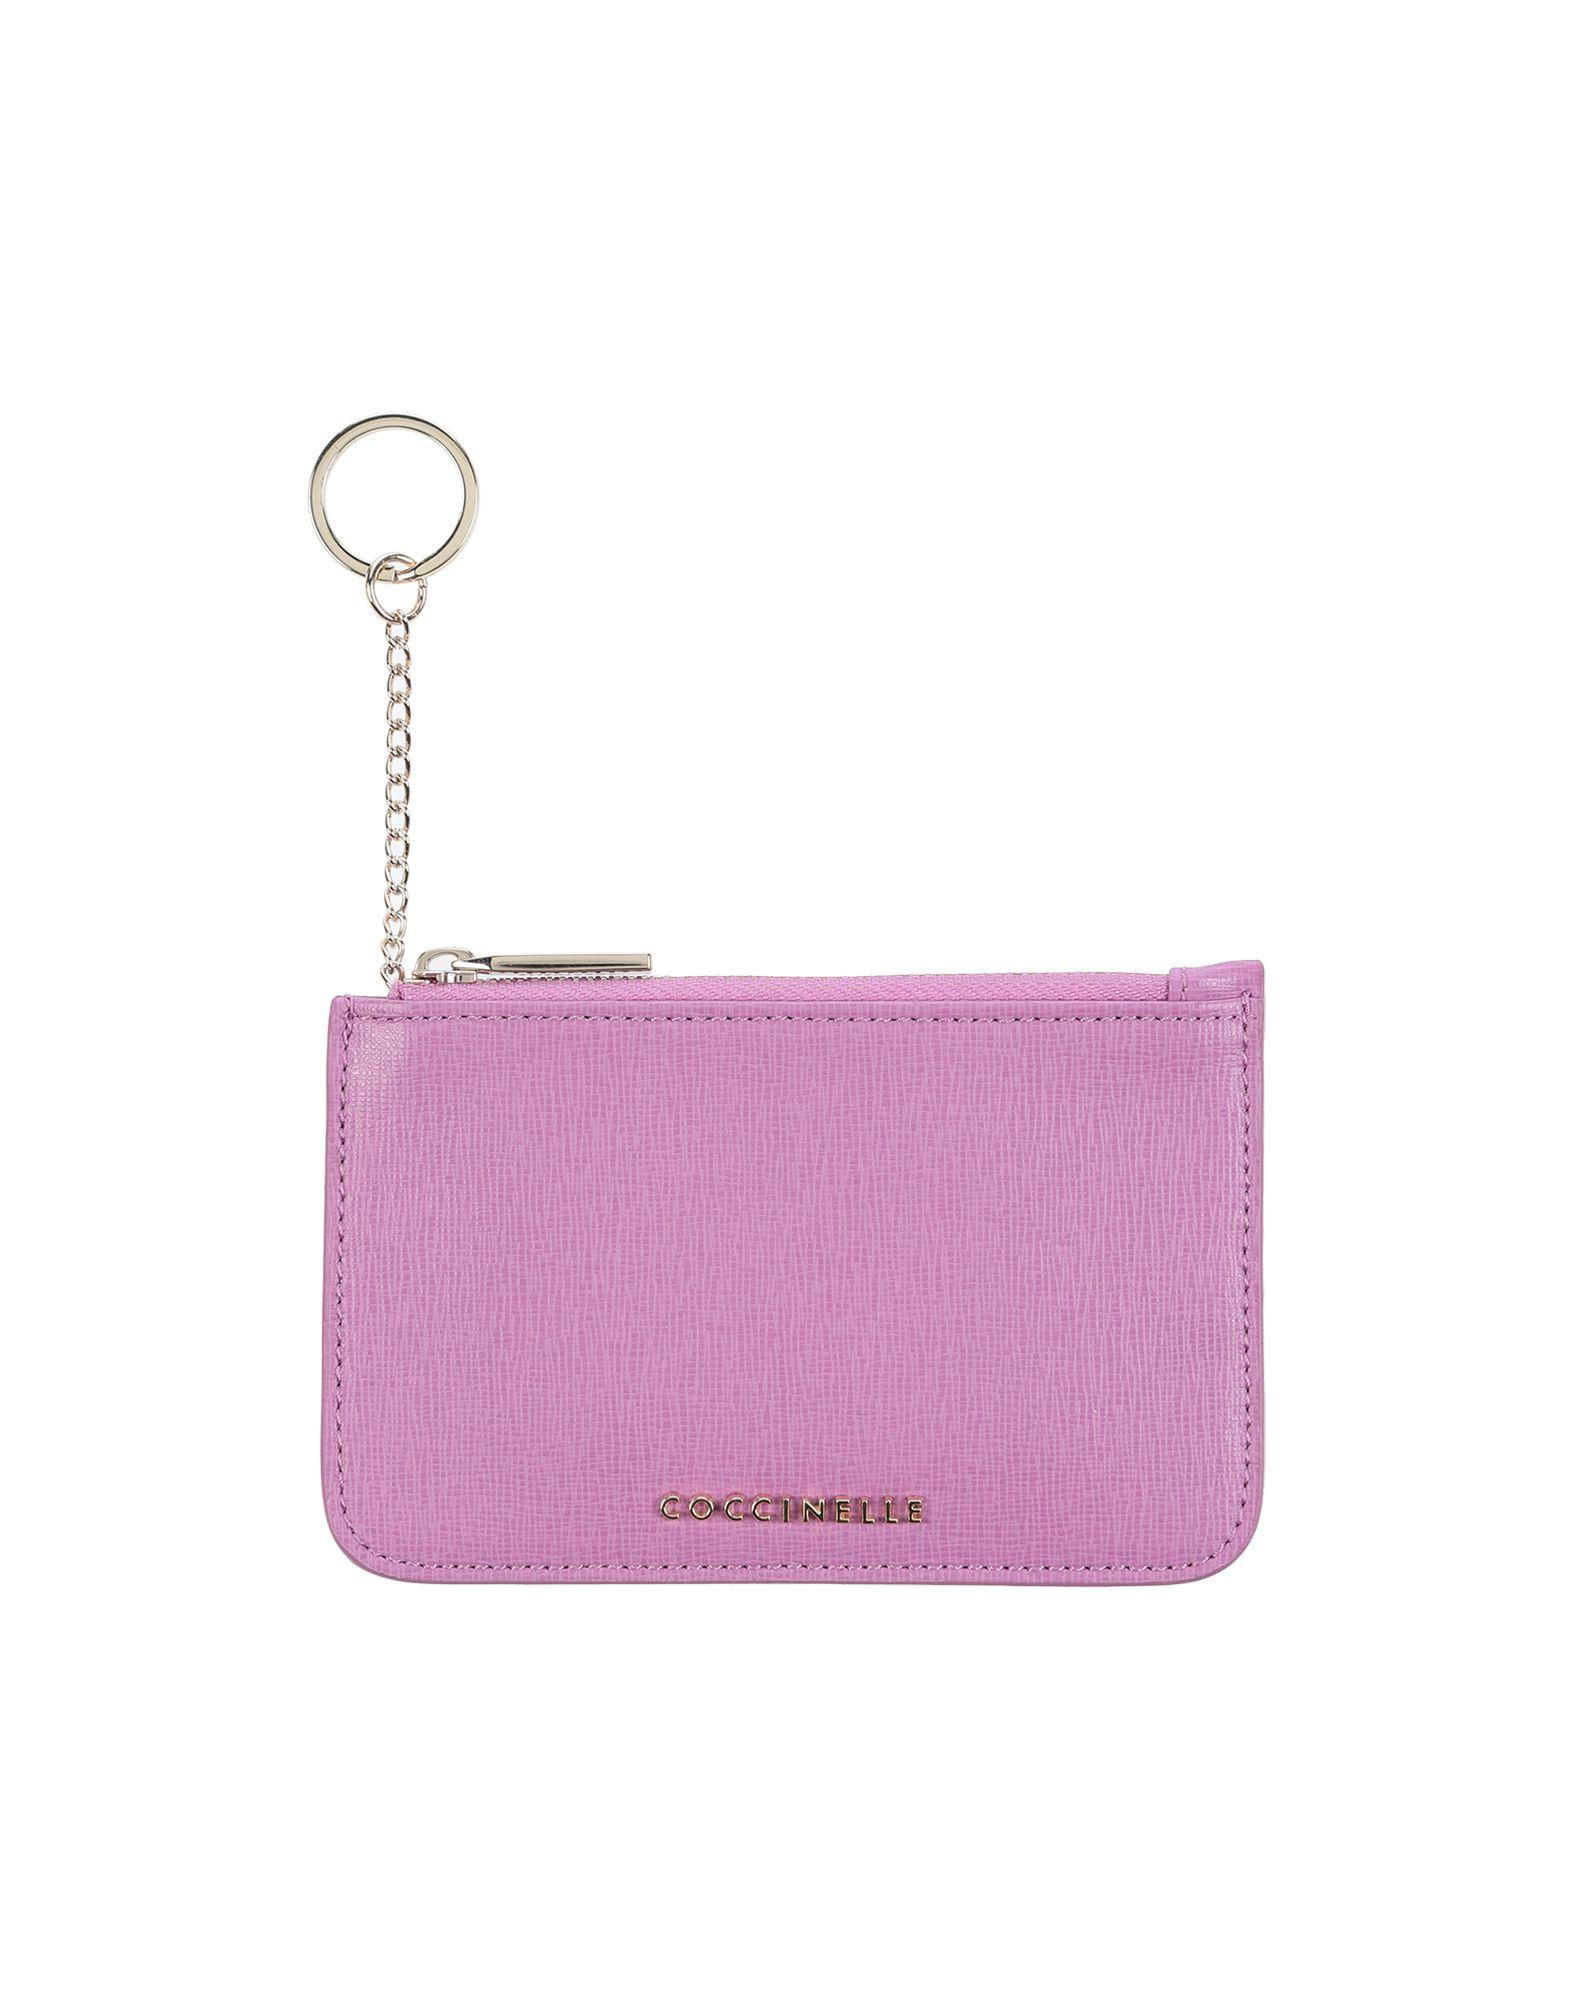 COCCINELLE Кошелек для монет pink dandelion design кожа pu откидной крышки кошелек для карты держатель для samsung j5prime